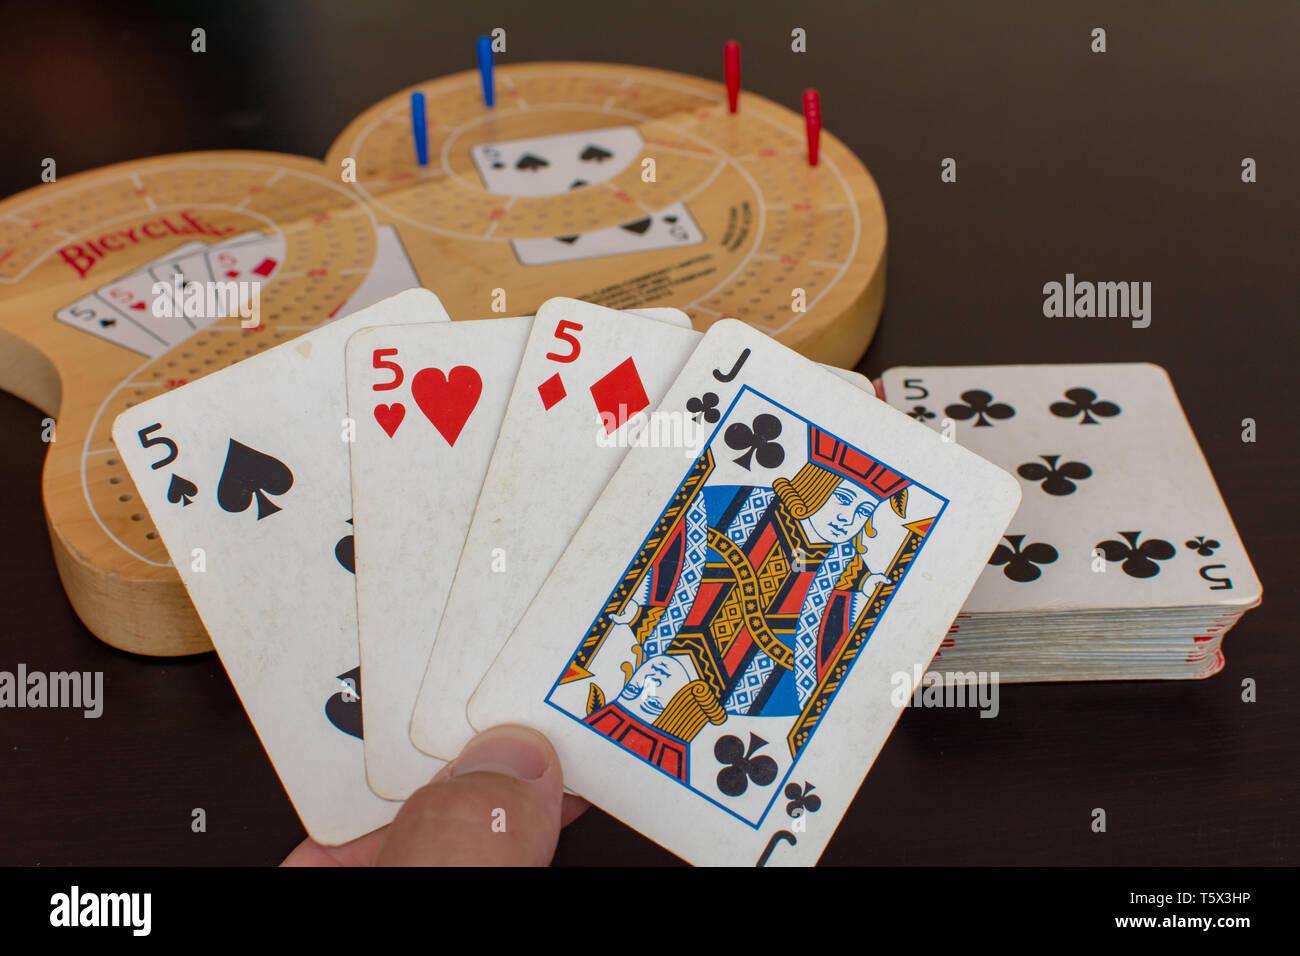 Best card games on steam 2019